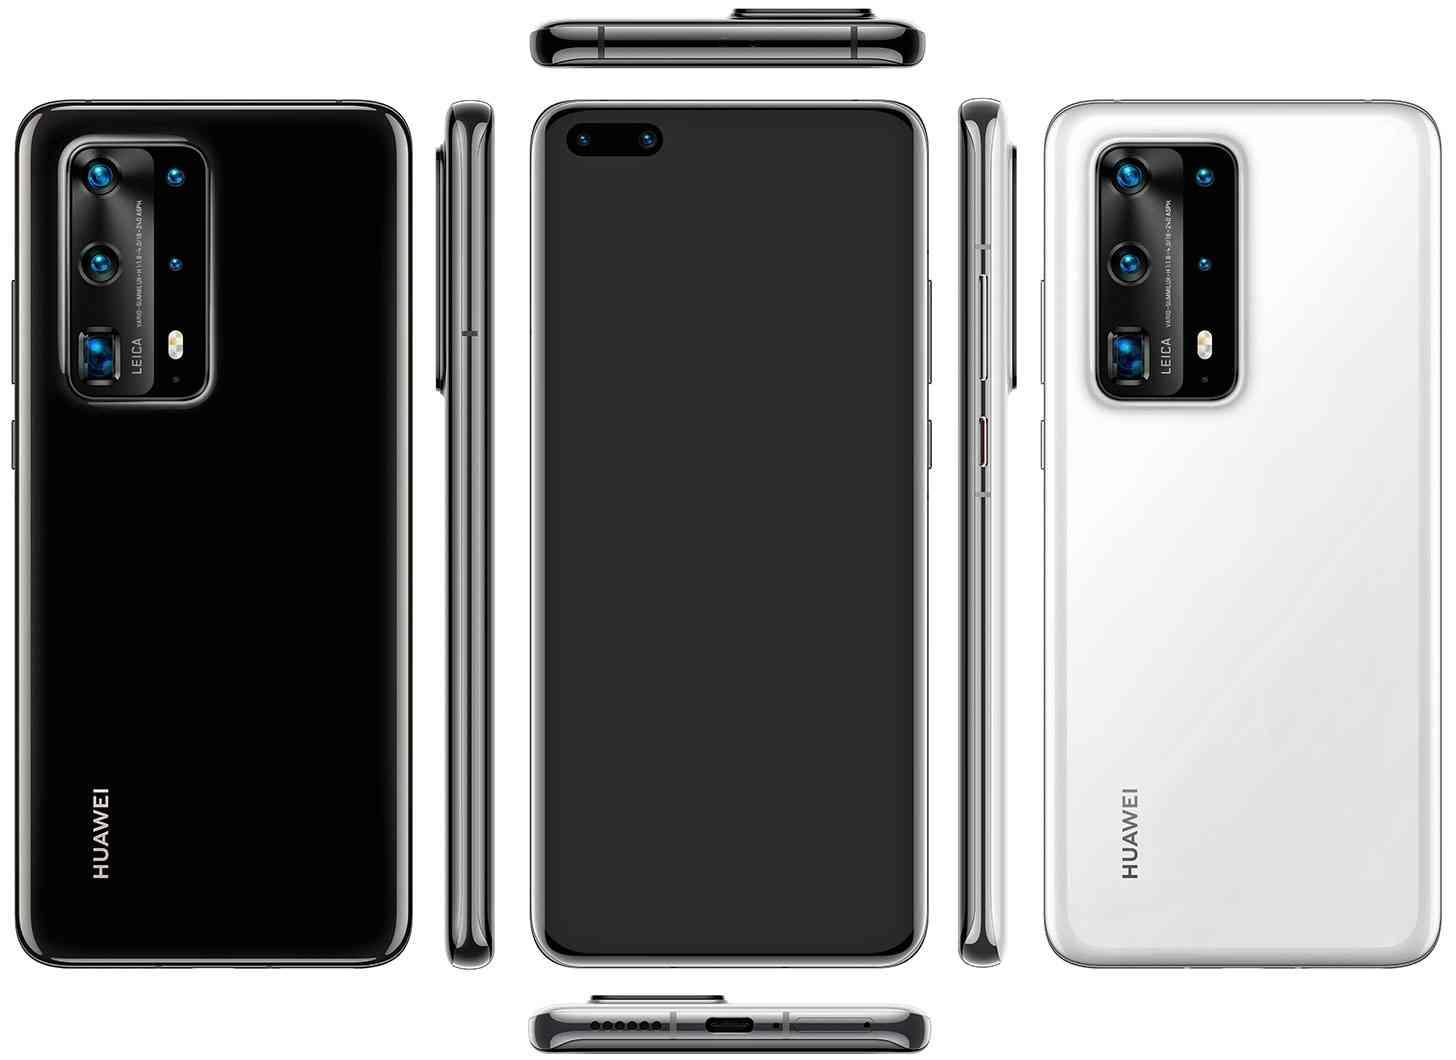 Huawei P40 Pro image leak